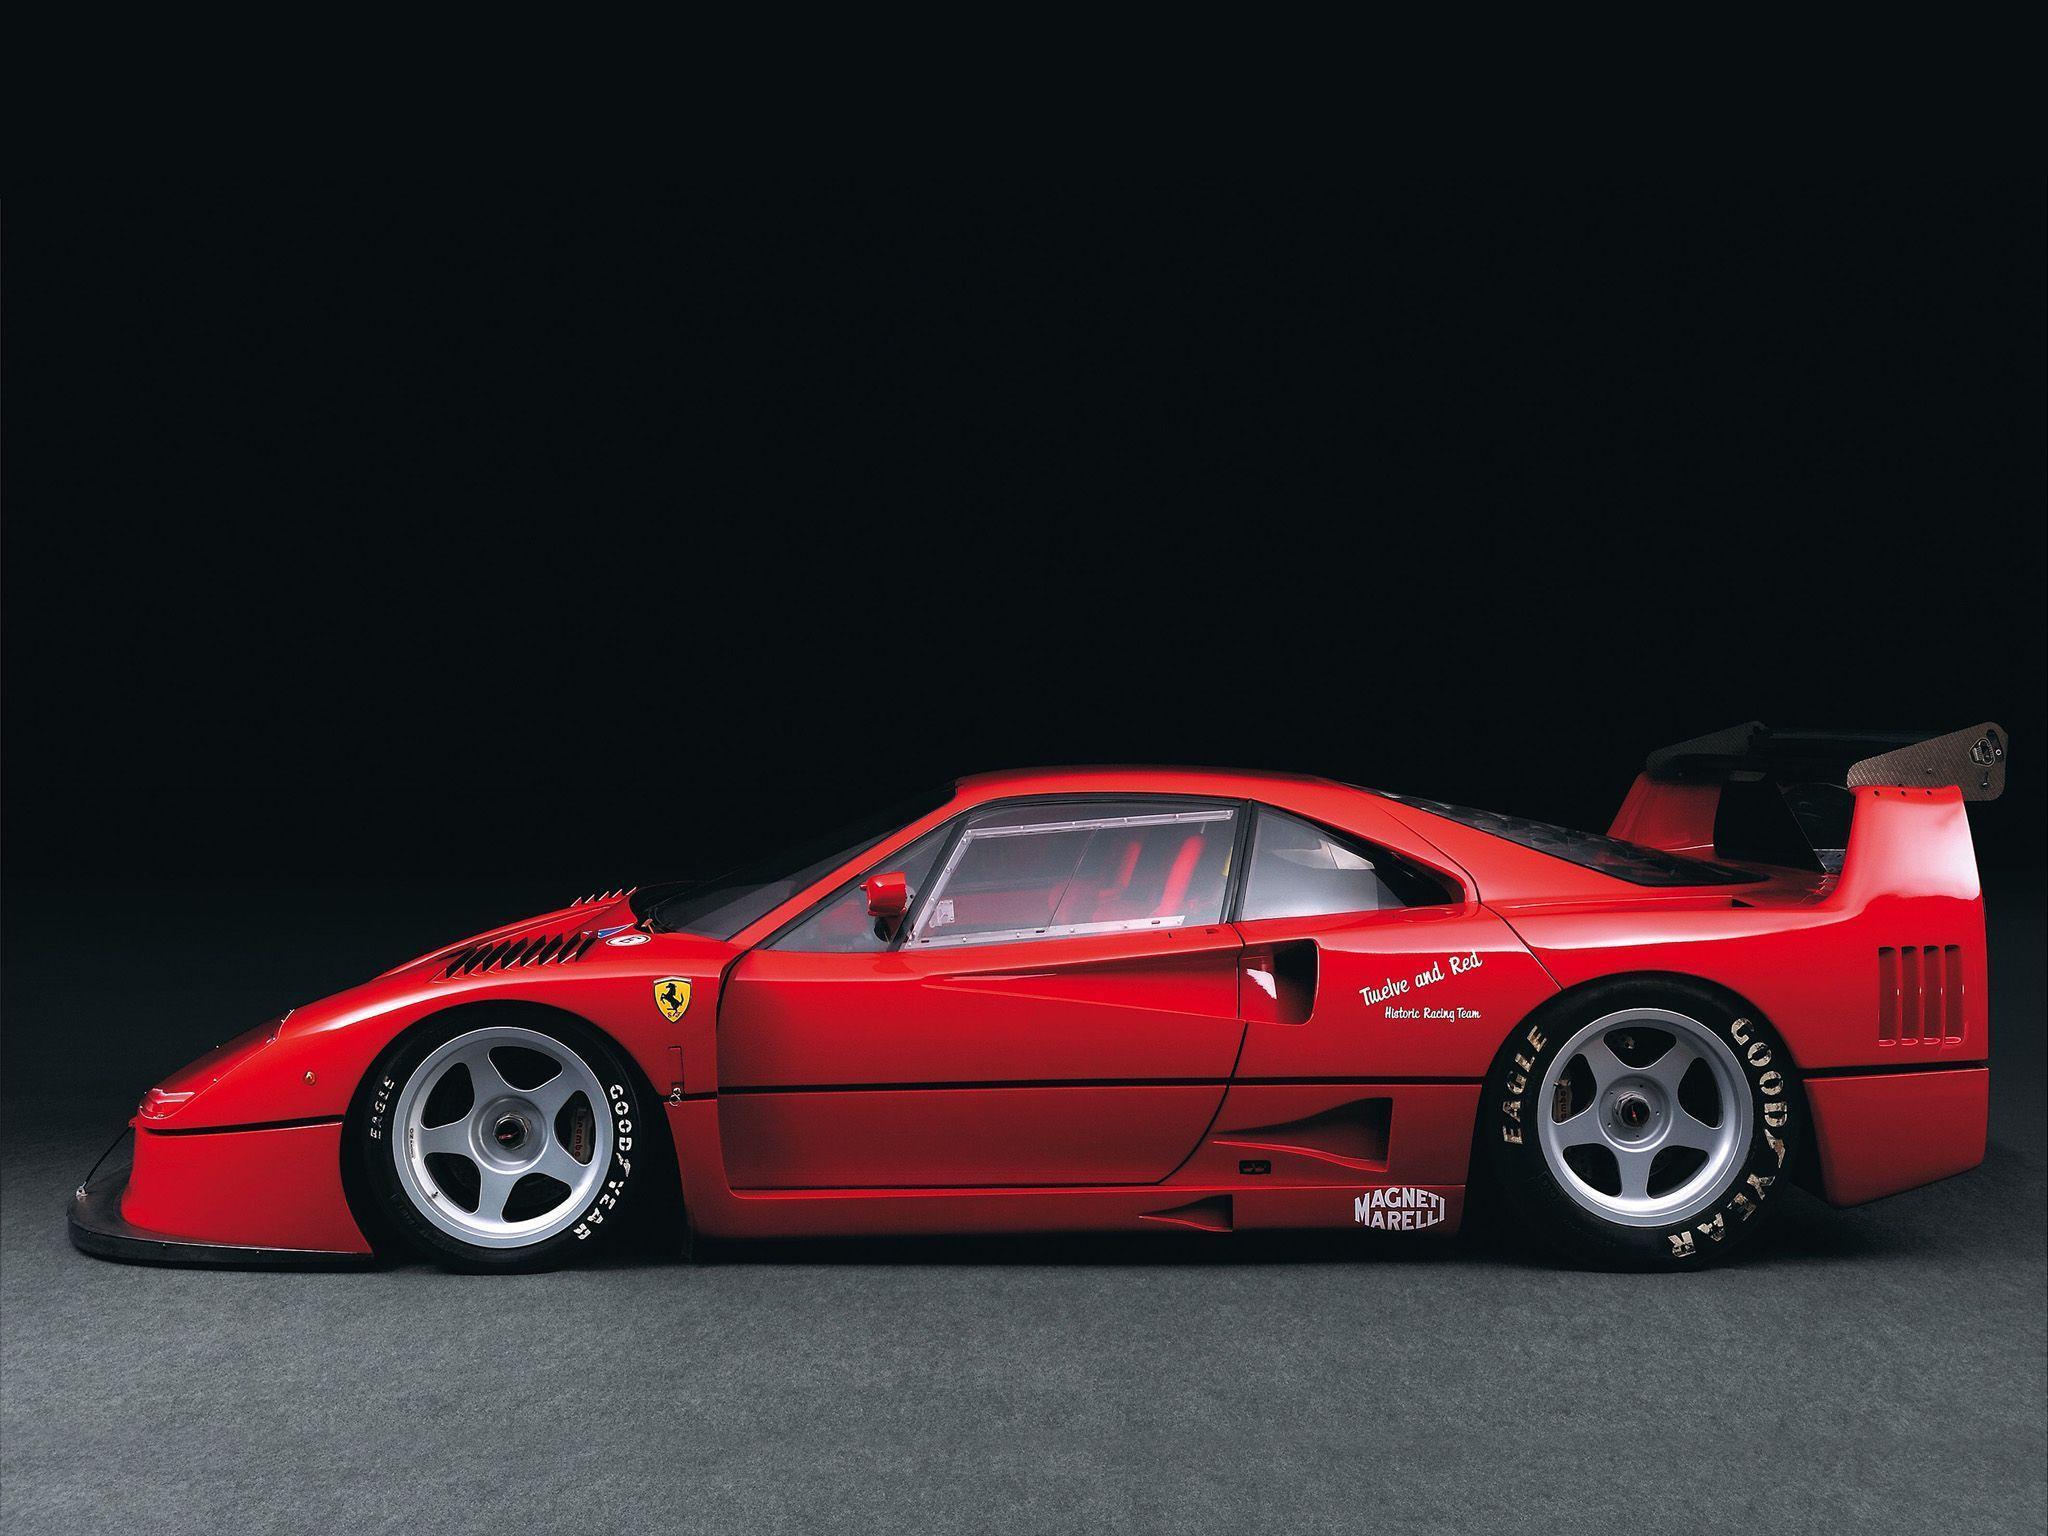 Ferrari F40 Wallpapers Wallpaper Cave